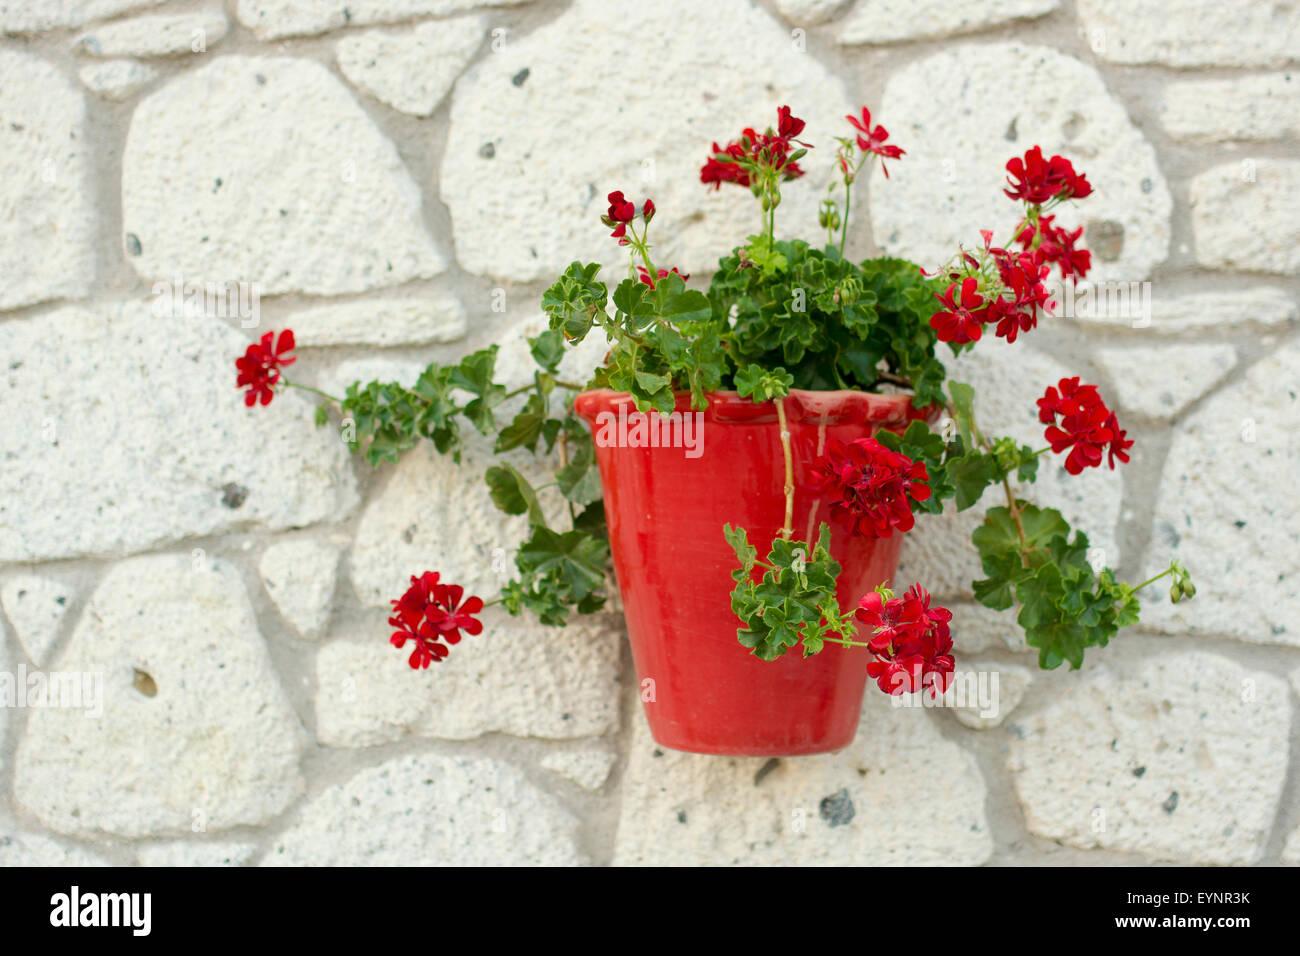 Blumentopf An Der Wand Stockfoto Bild 85916311 Alamy